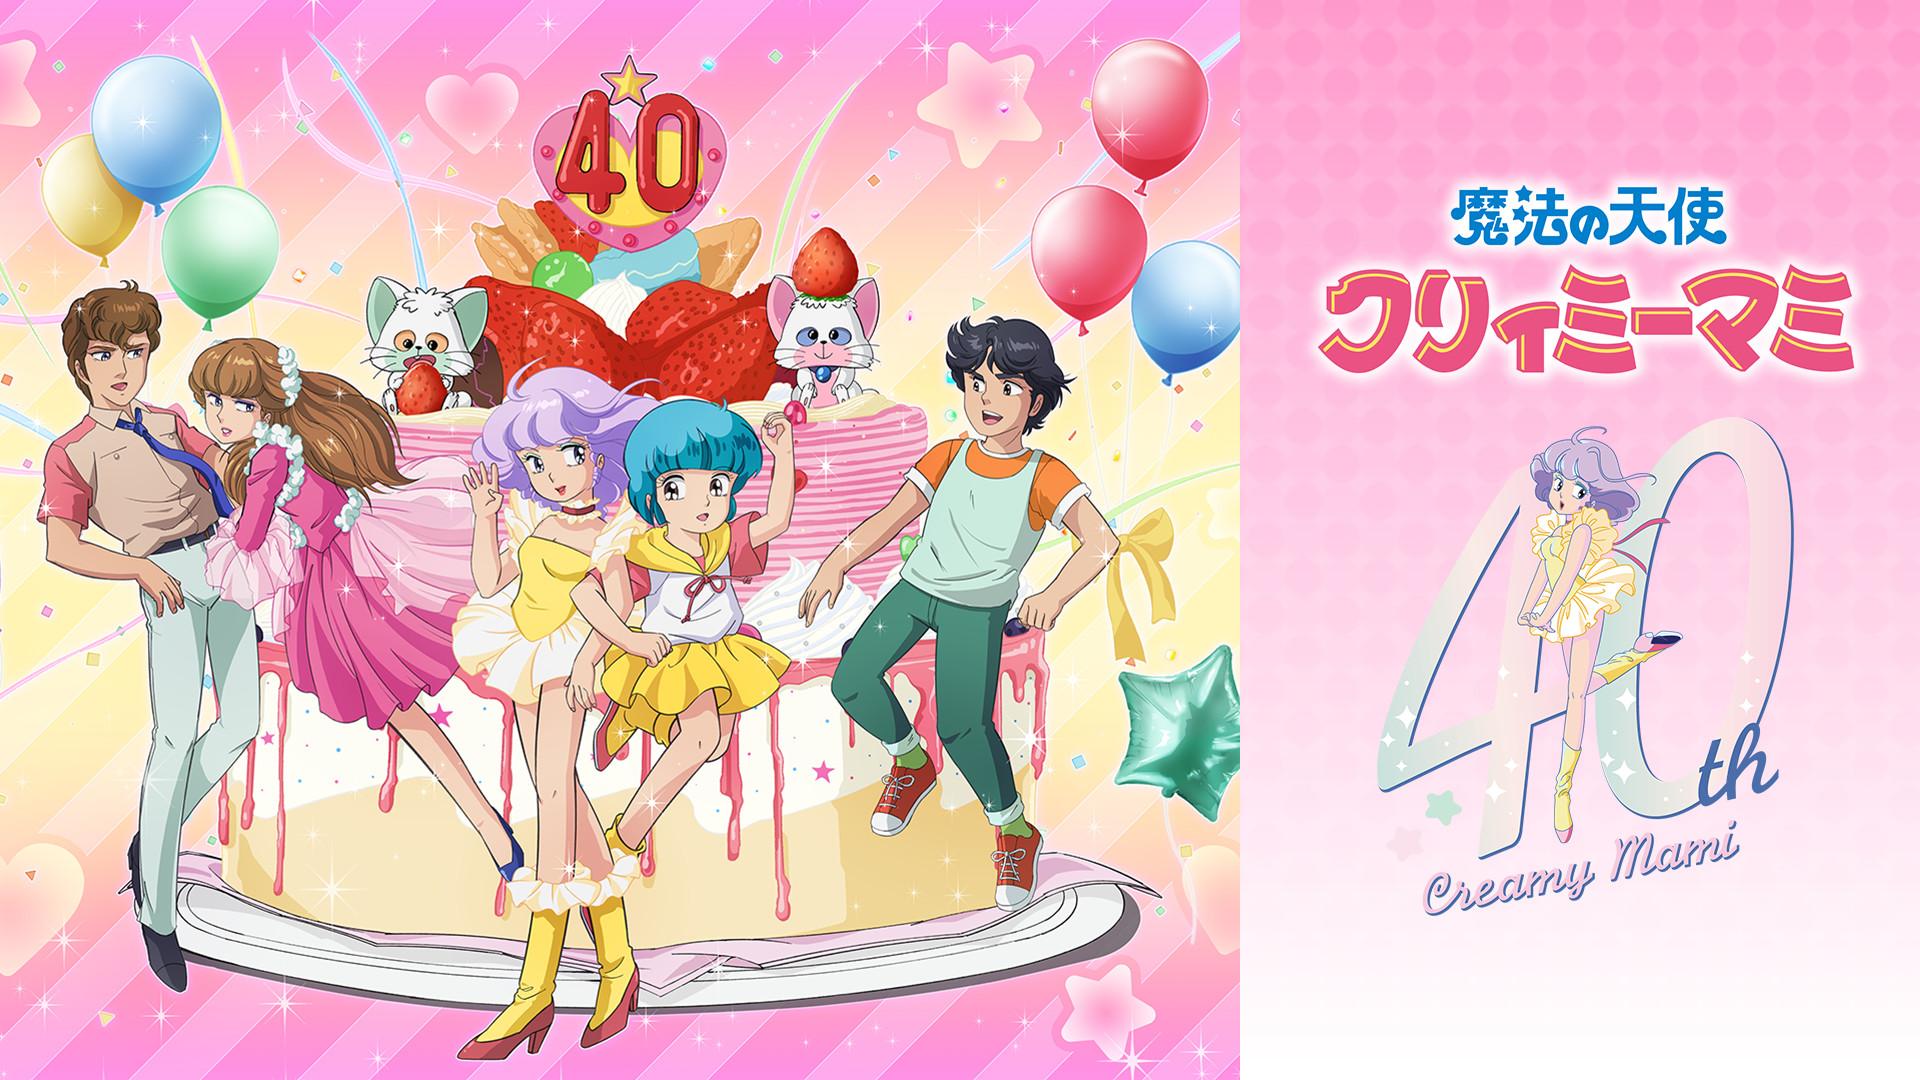 魔法の天使 クリィミーマミ アニメ動画見放題 Dアニメストア